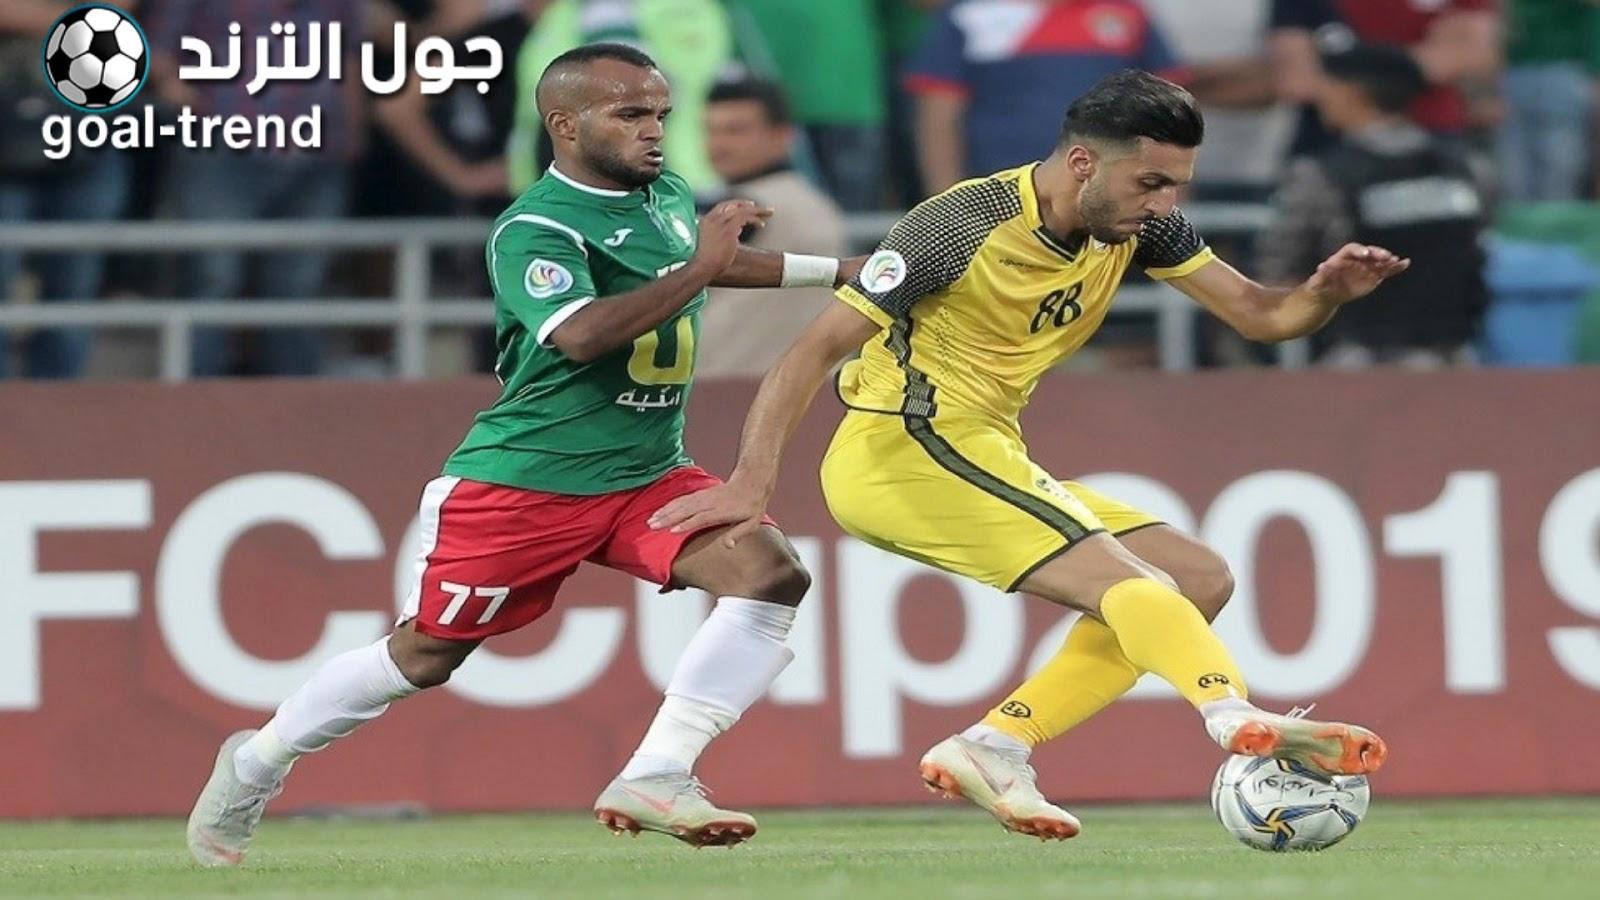 موعد مواجهة العهد والوحدات في نصف نهائي كأس الاتحاد الآسيوي